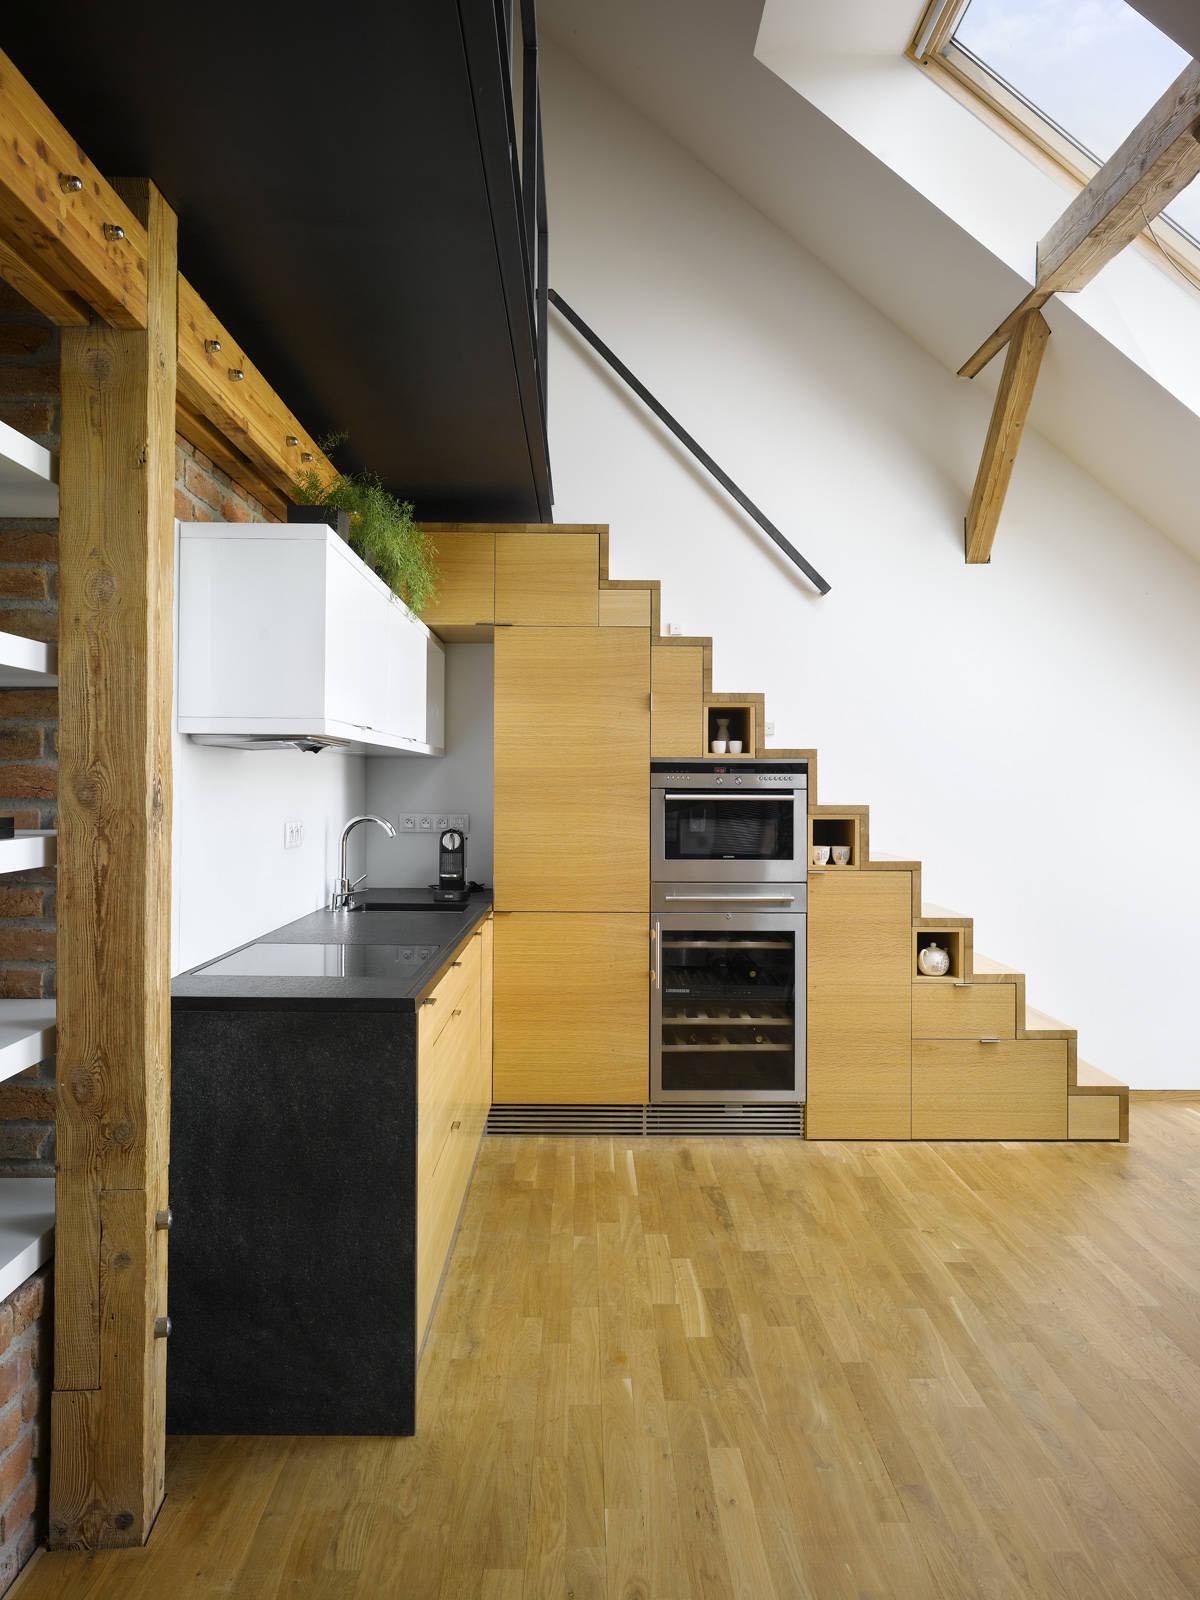 Small Attic Loft Apartment In Prague  iDesignArch  Interior Design Architecture  Interior